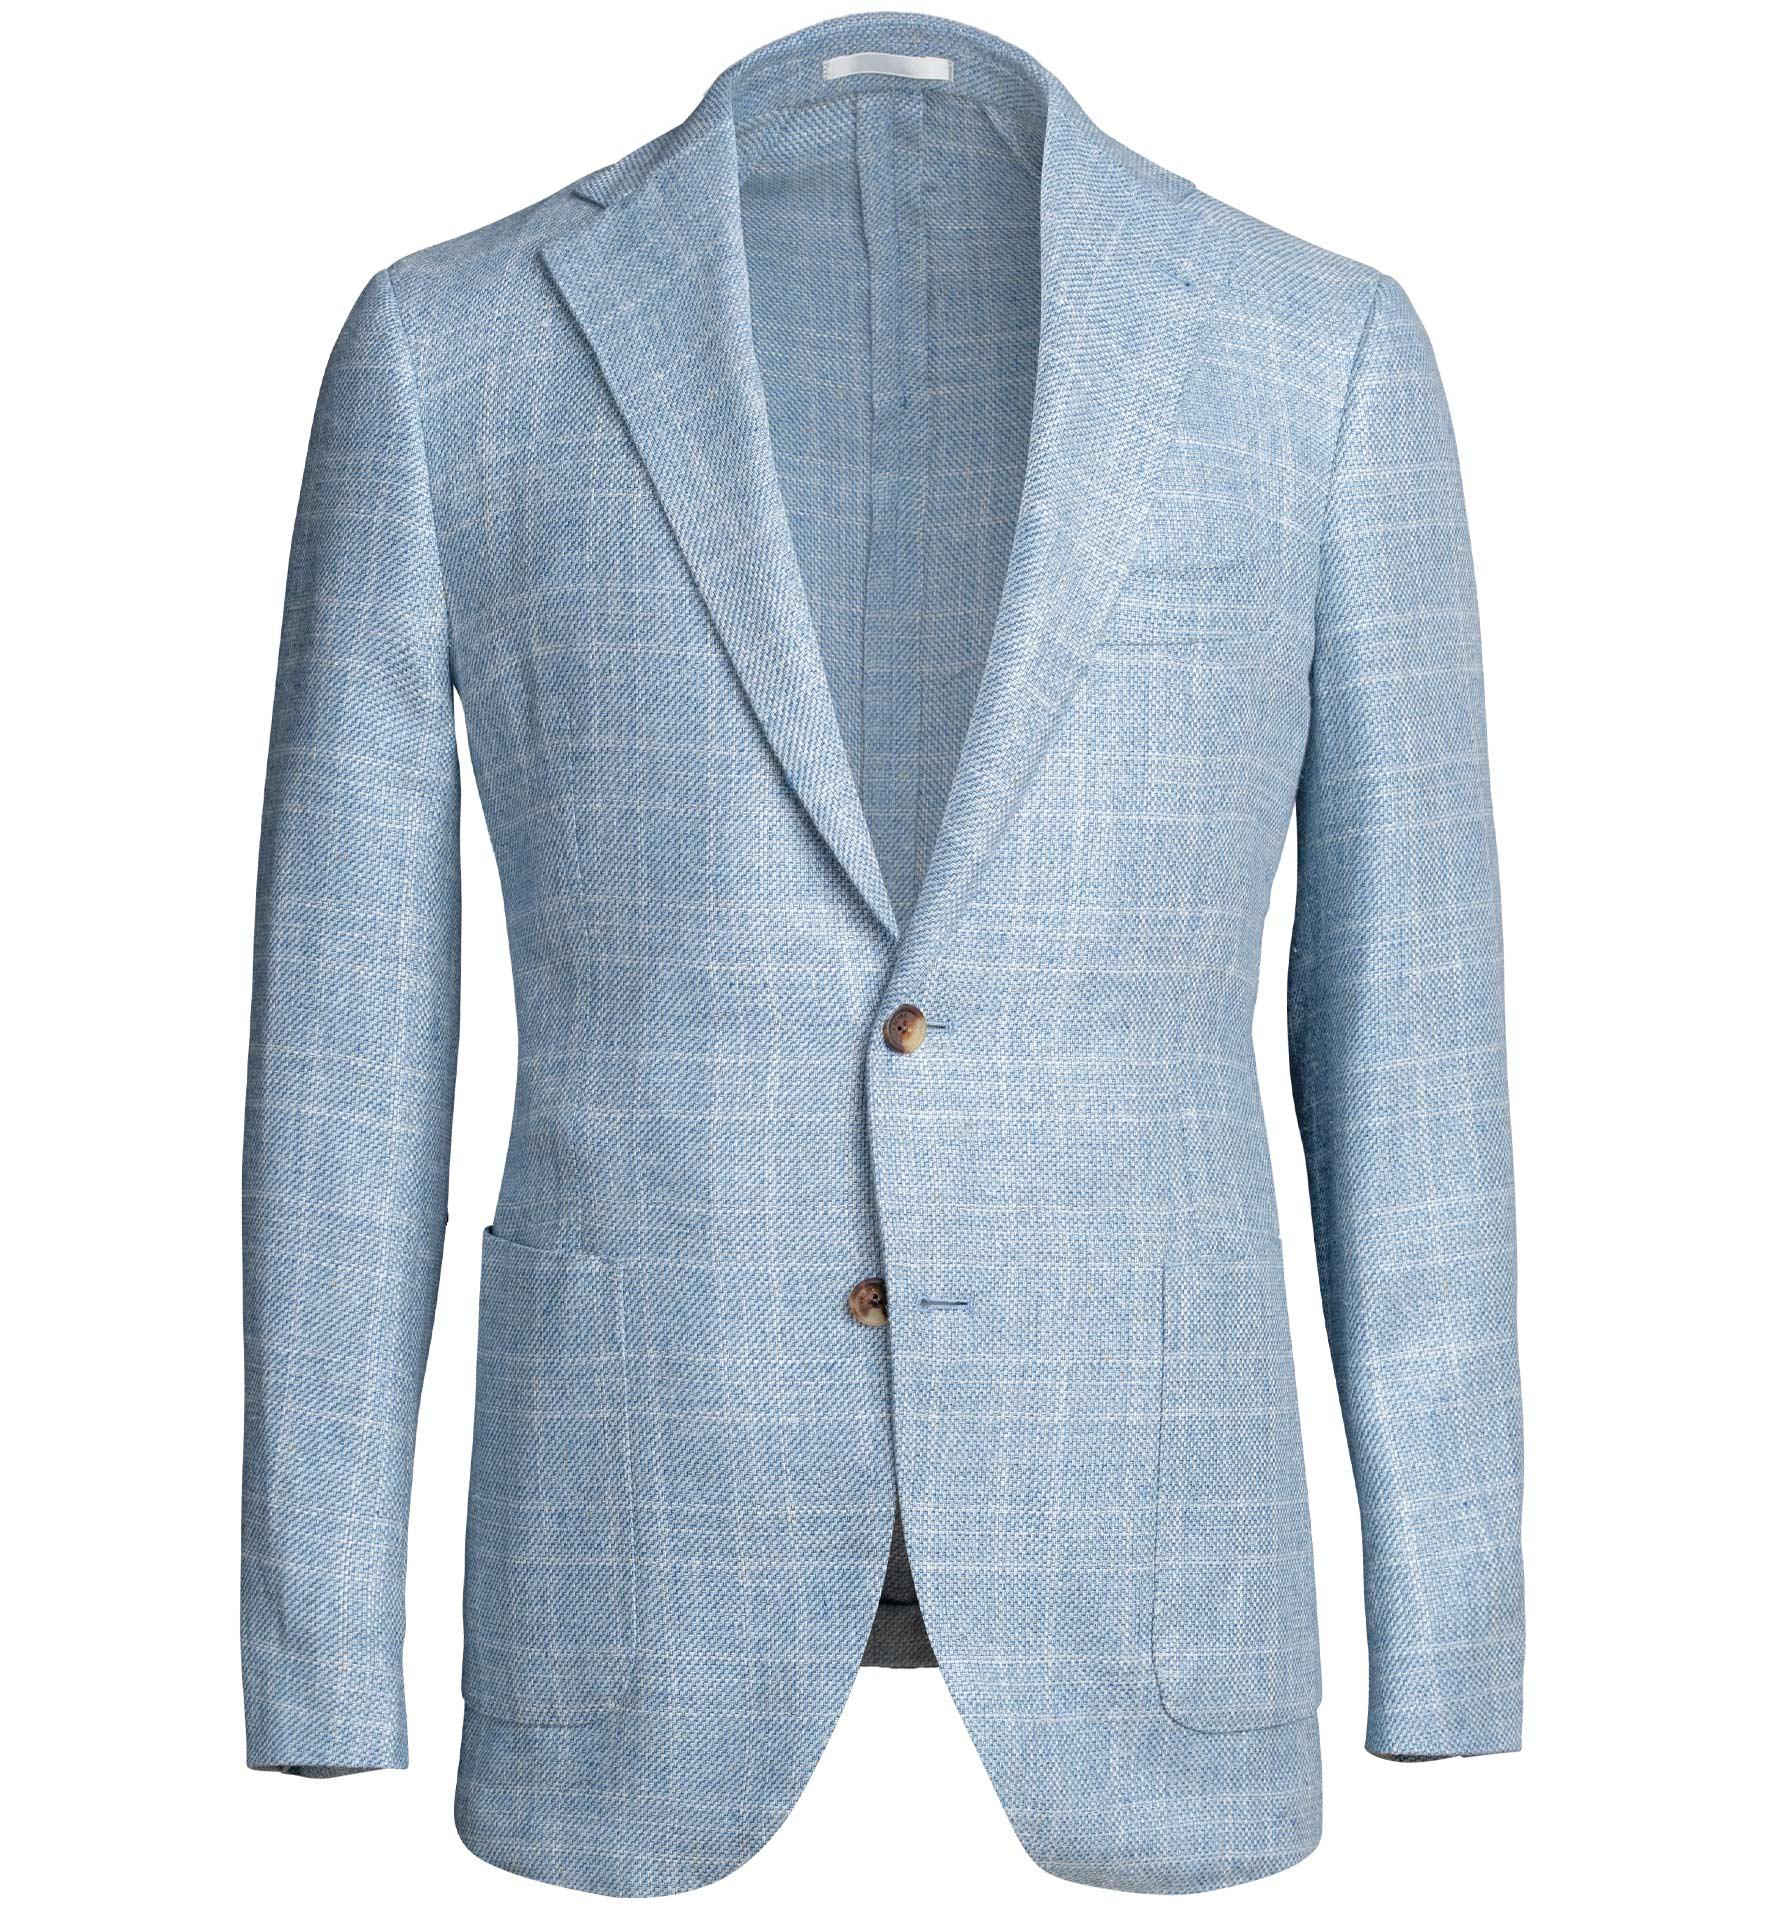 Zoom Image of Bedford Light Blue Plaid Summer Blend Jacket